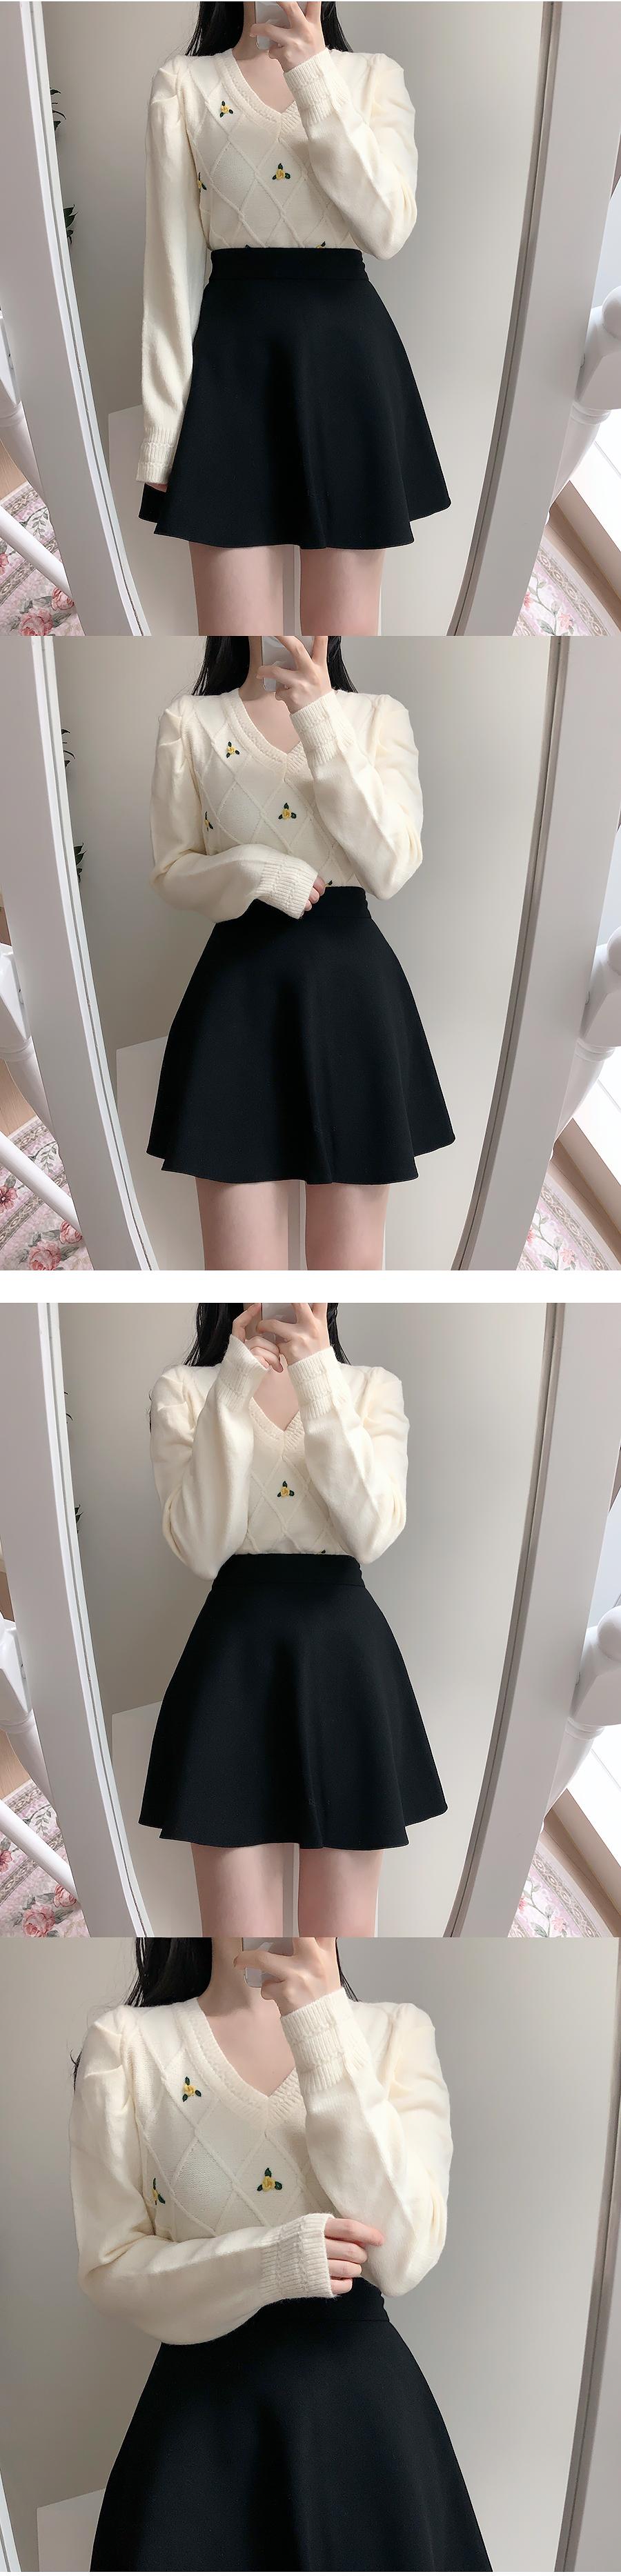 Devil Flare Hull Skirt